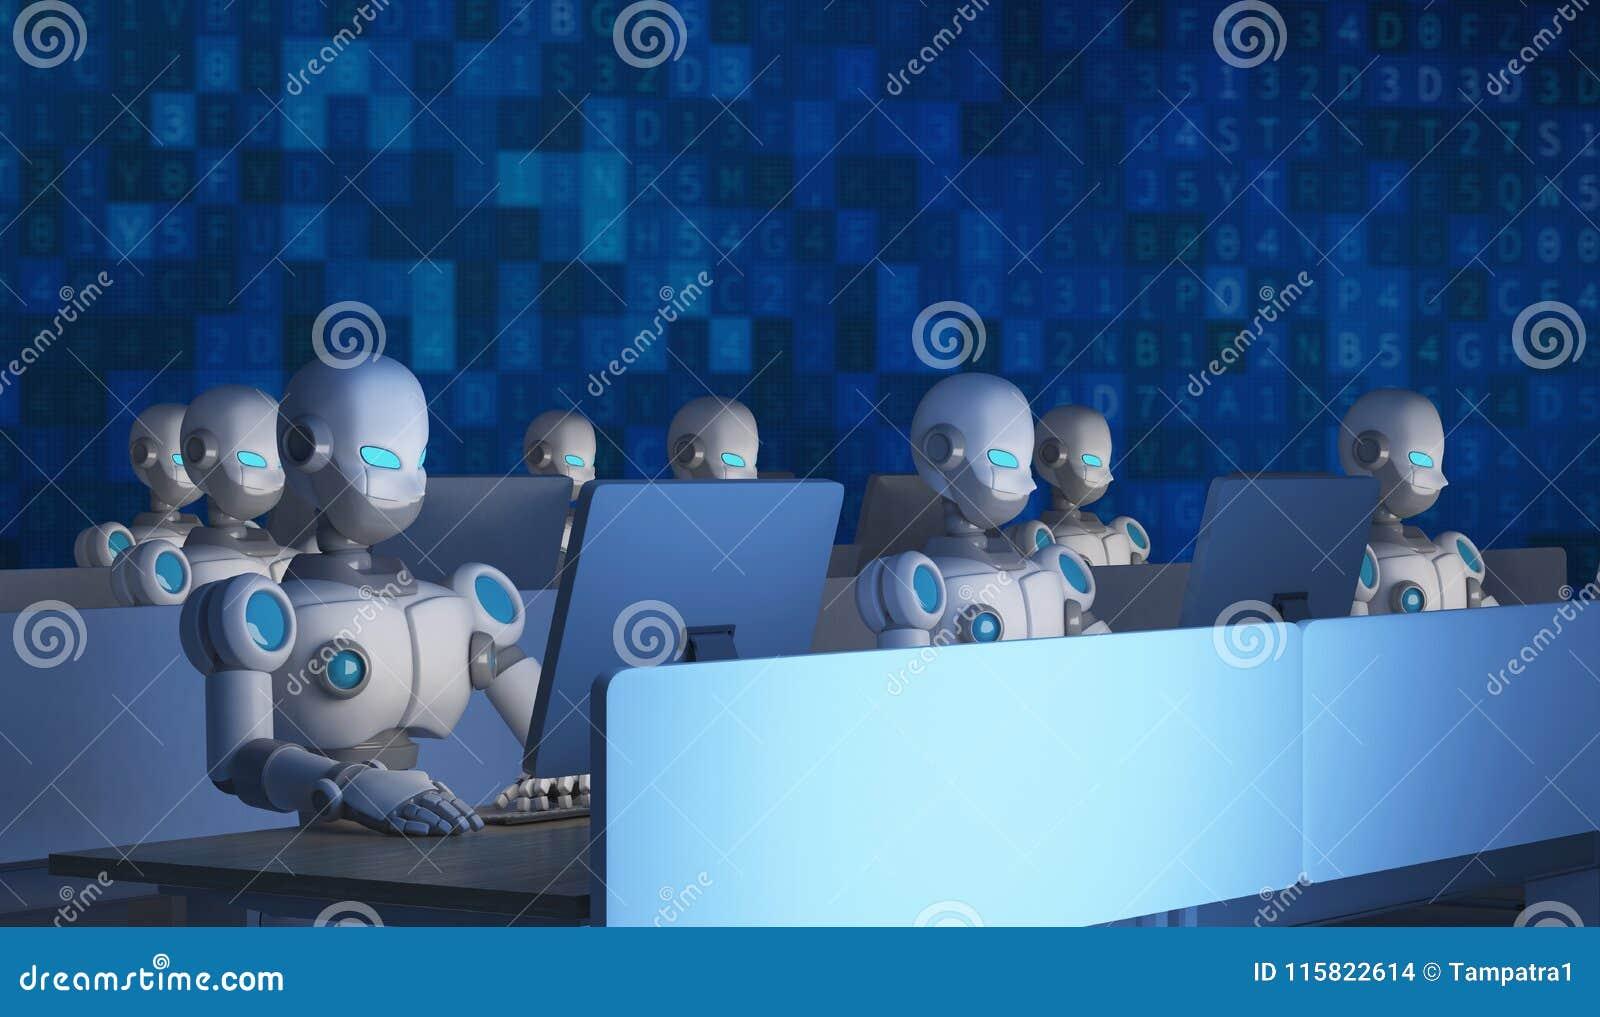 Grupo de robôs usando computadores com código de dados artificial